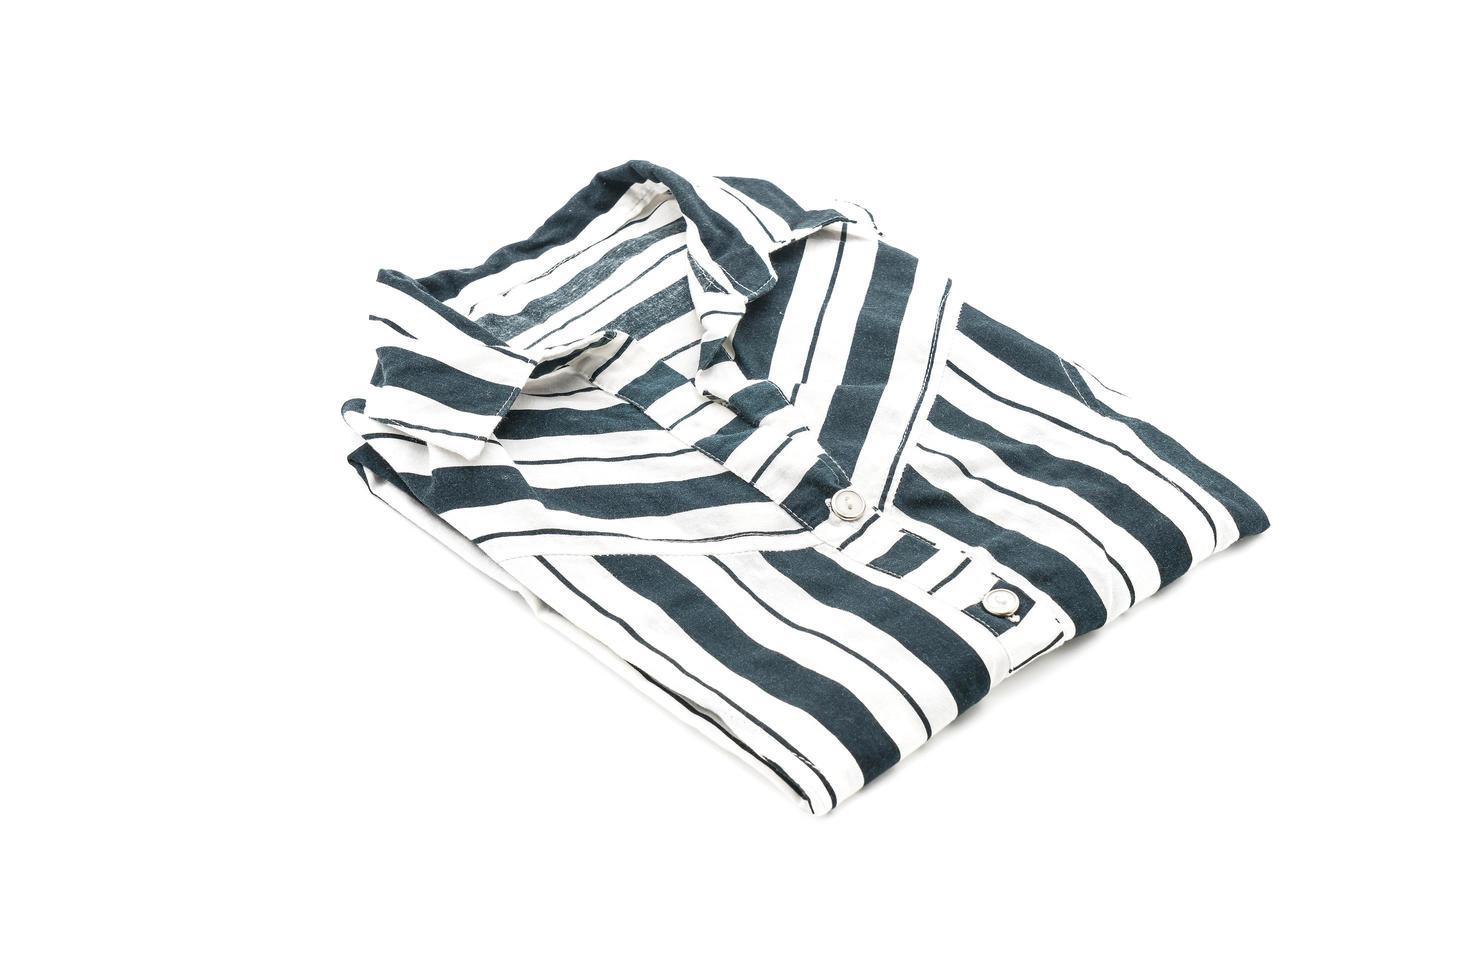 chemise pliée sur fond blanc photo